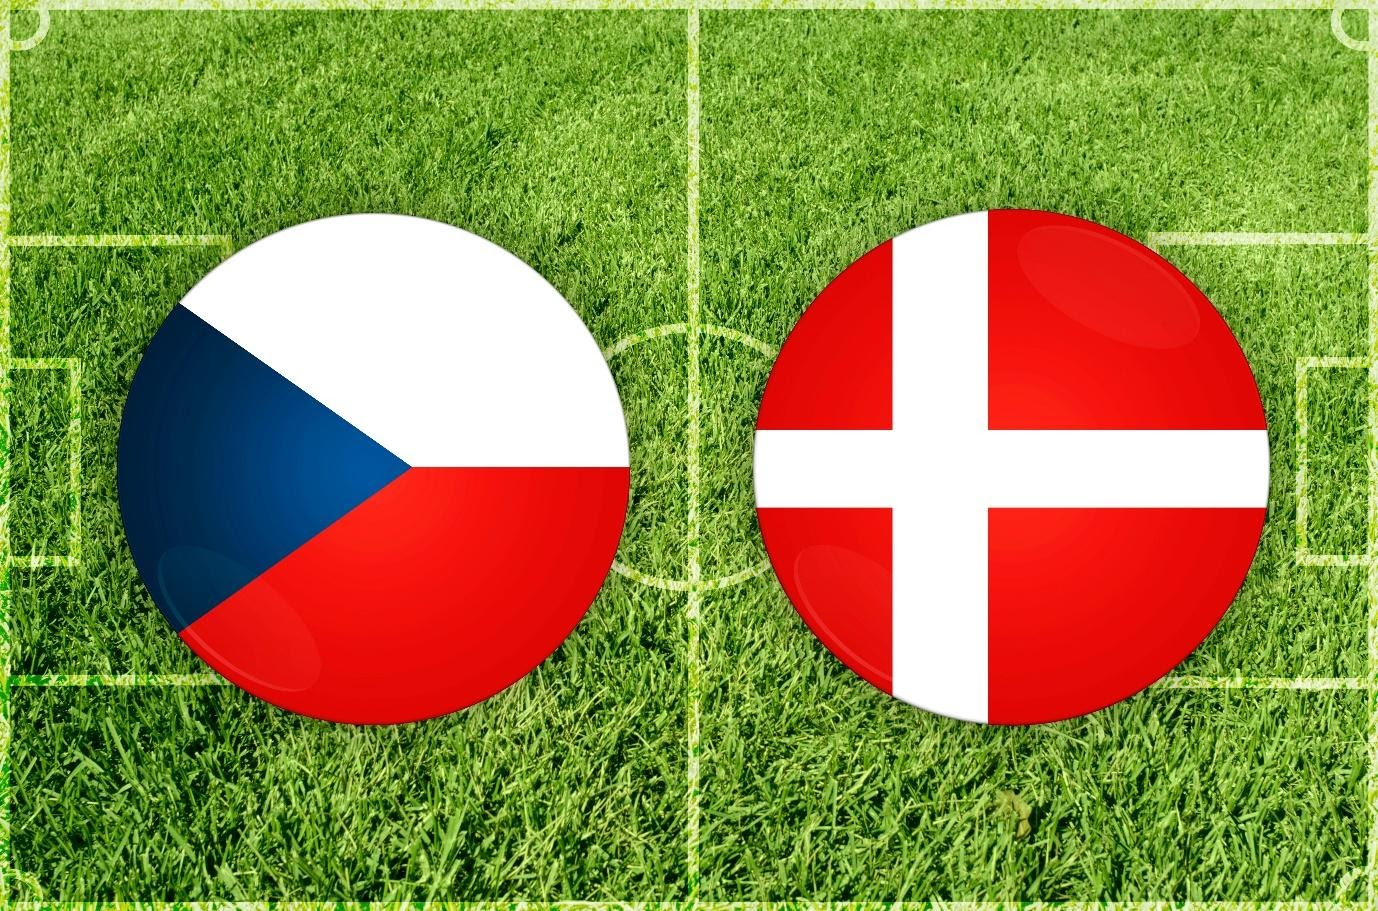 History spurring Denmark